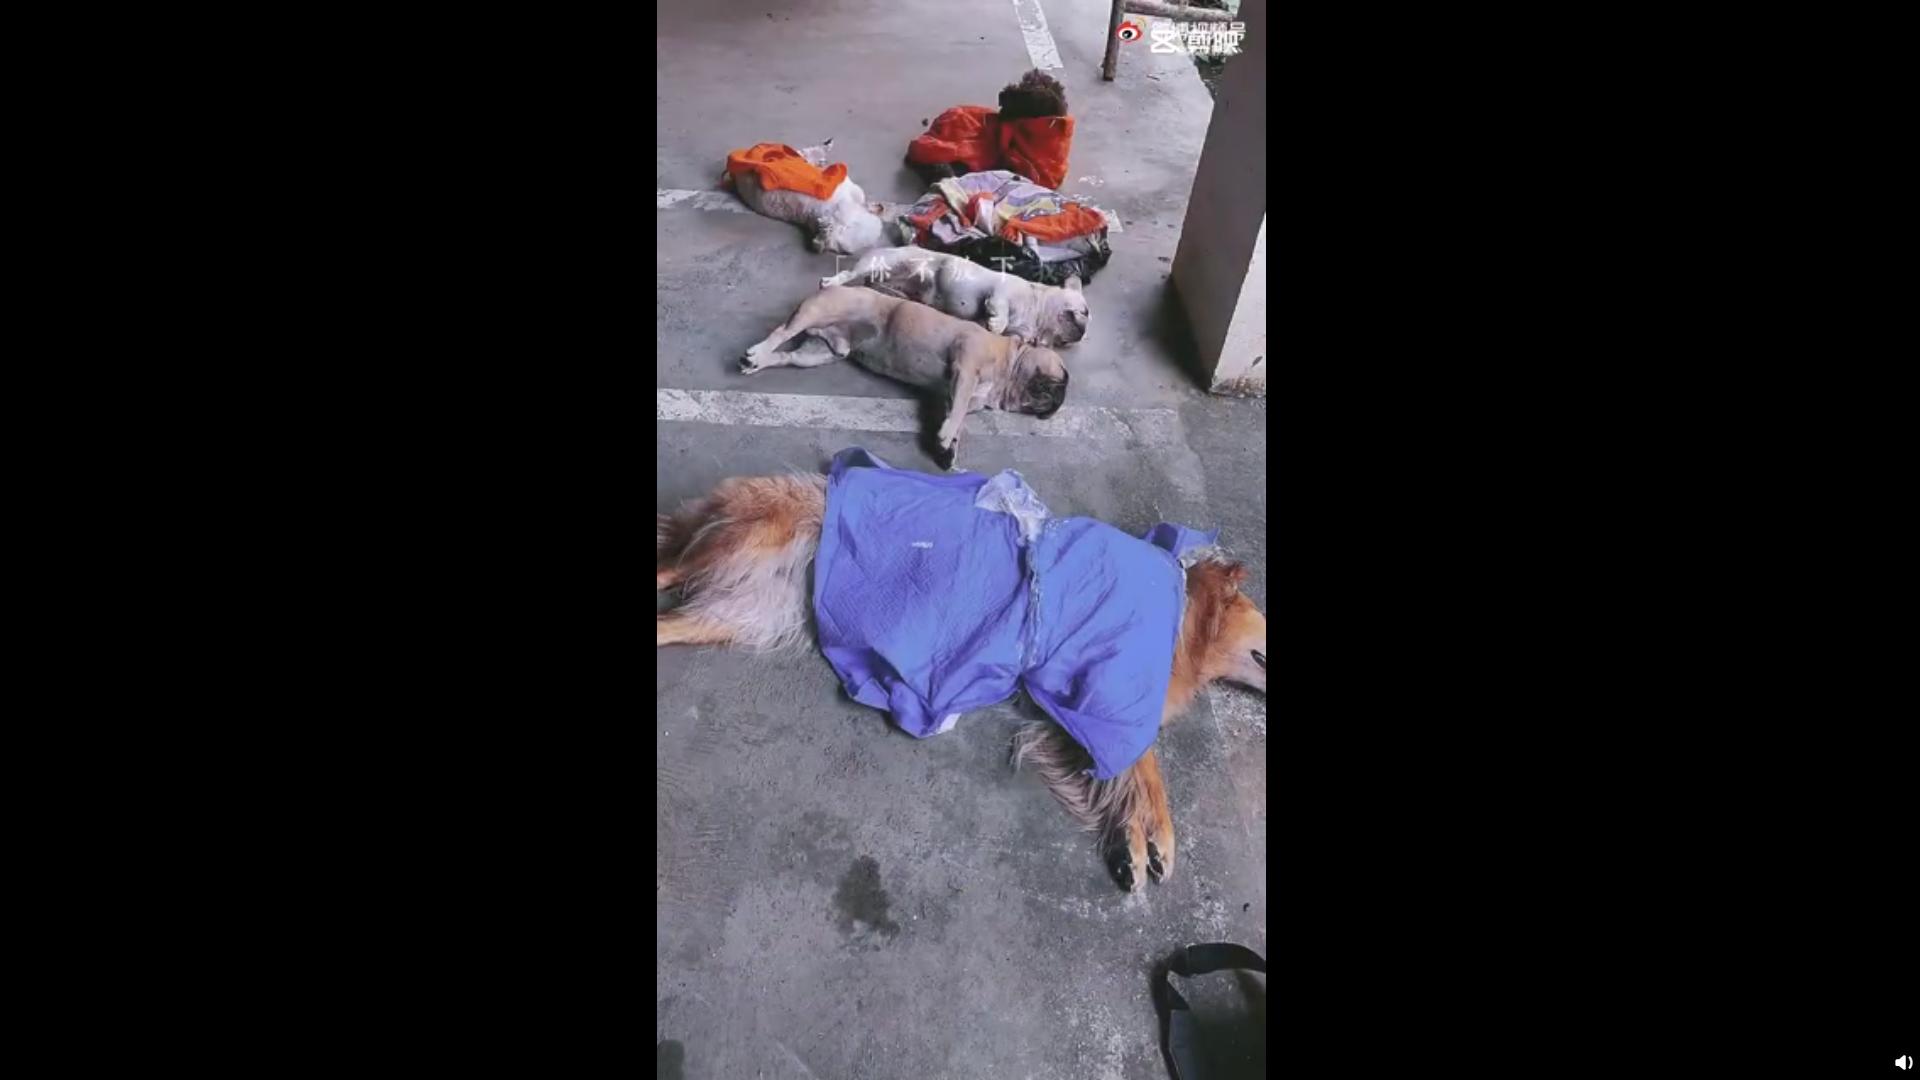 贵州一小区8只狗疑遭投毒死亡,已报警